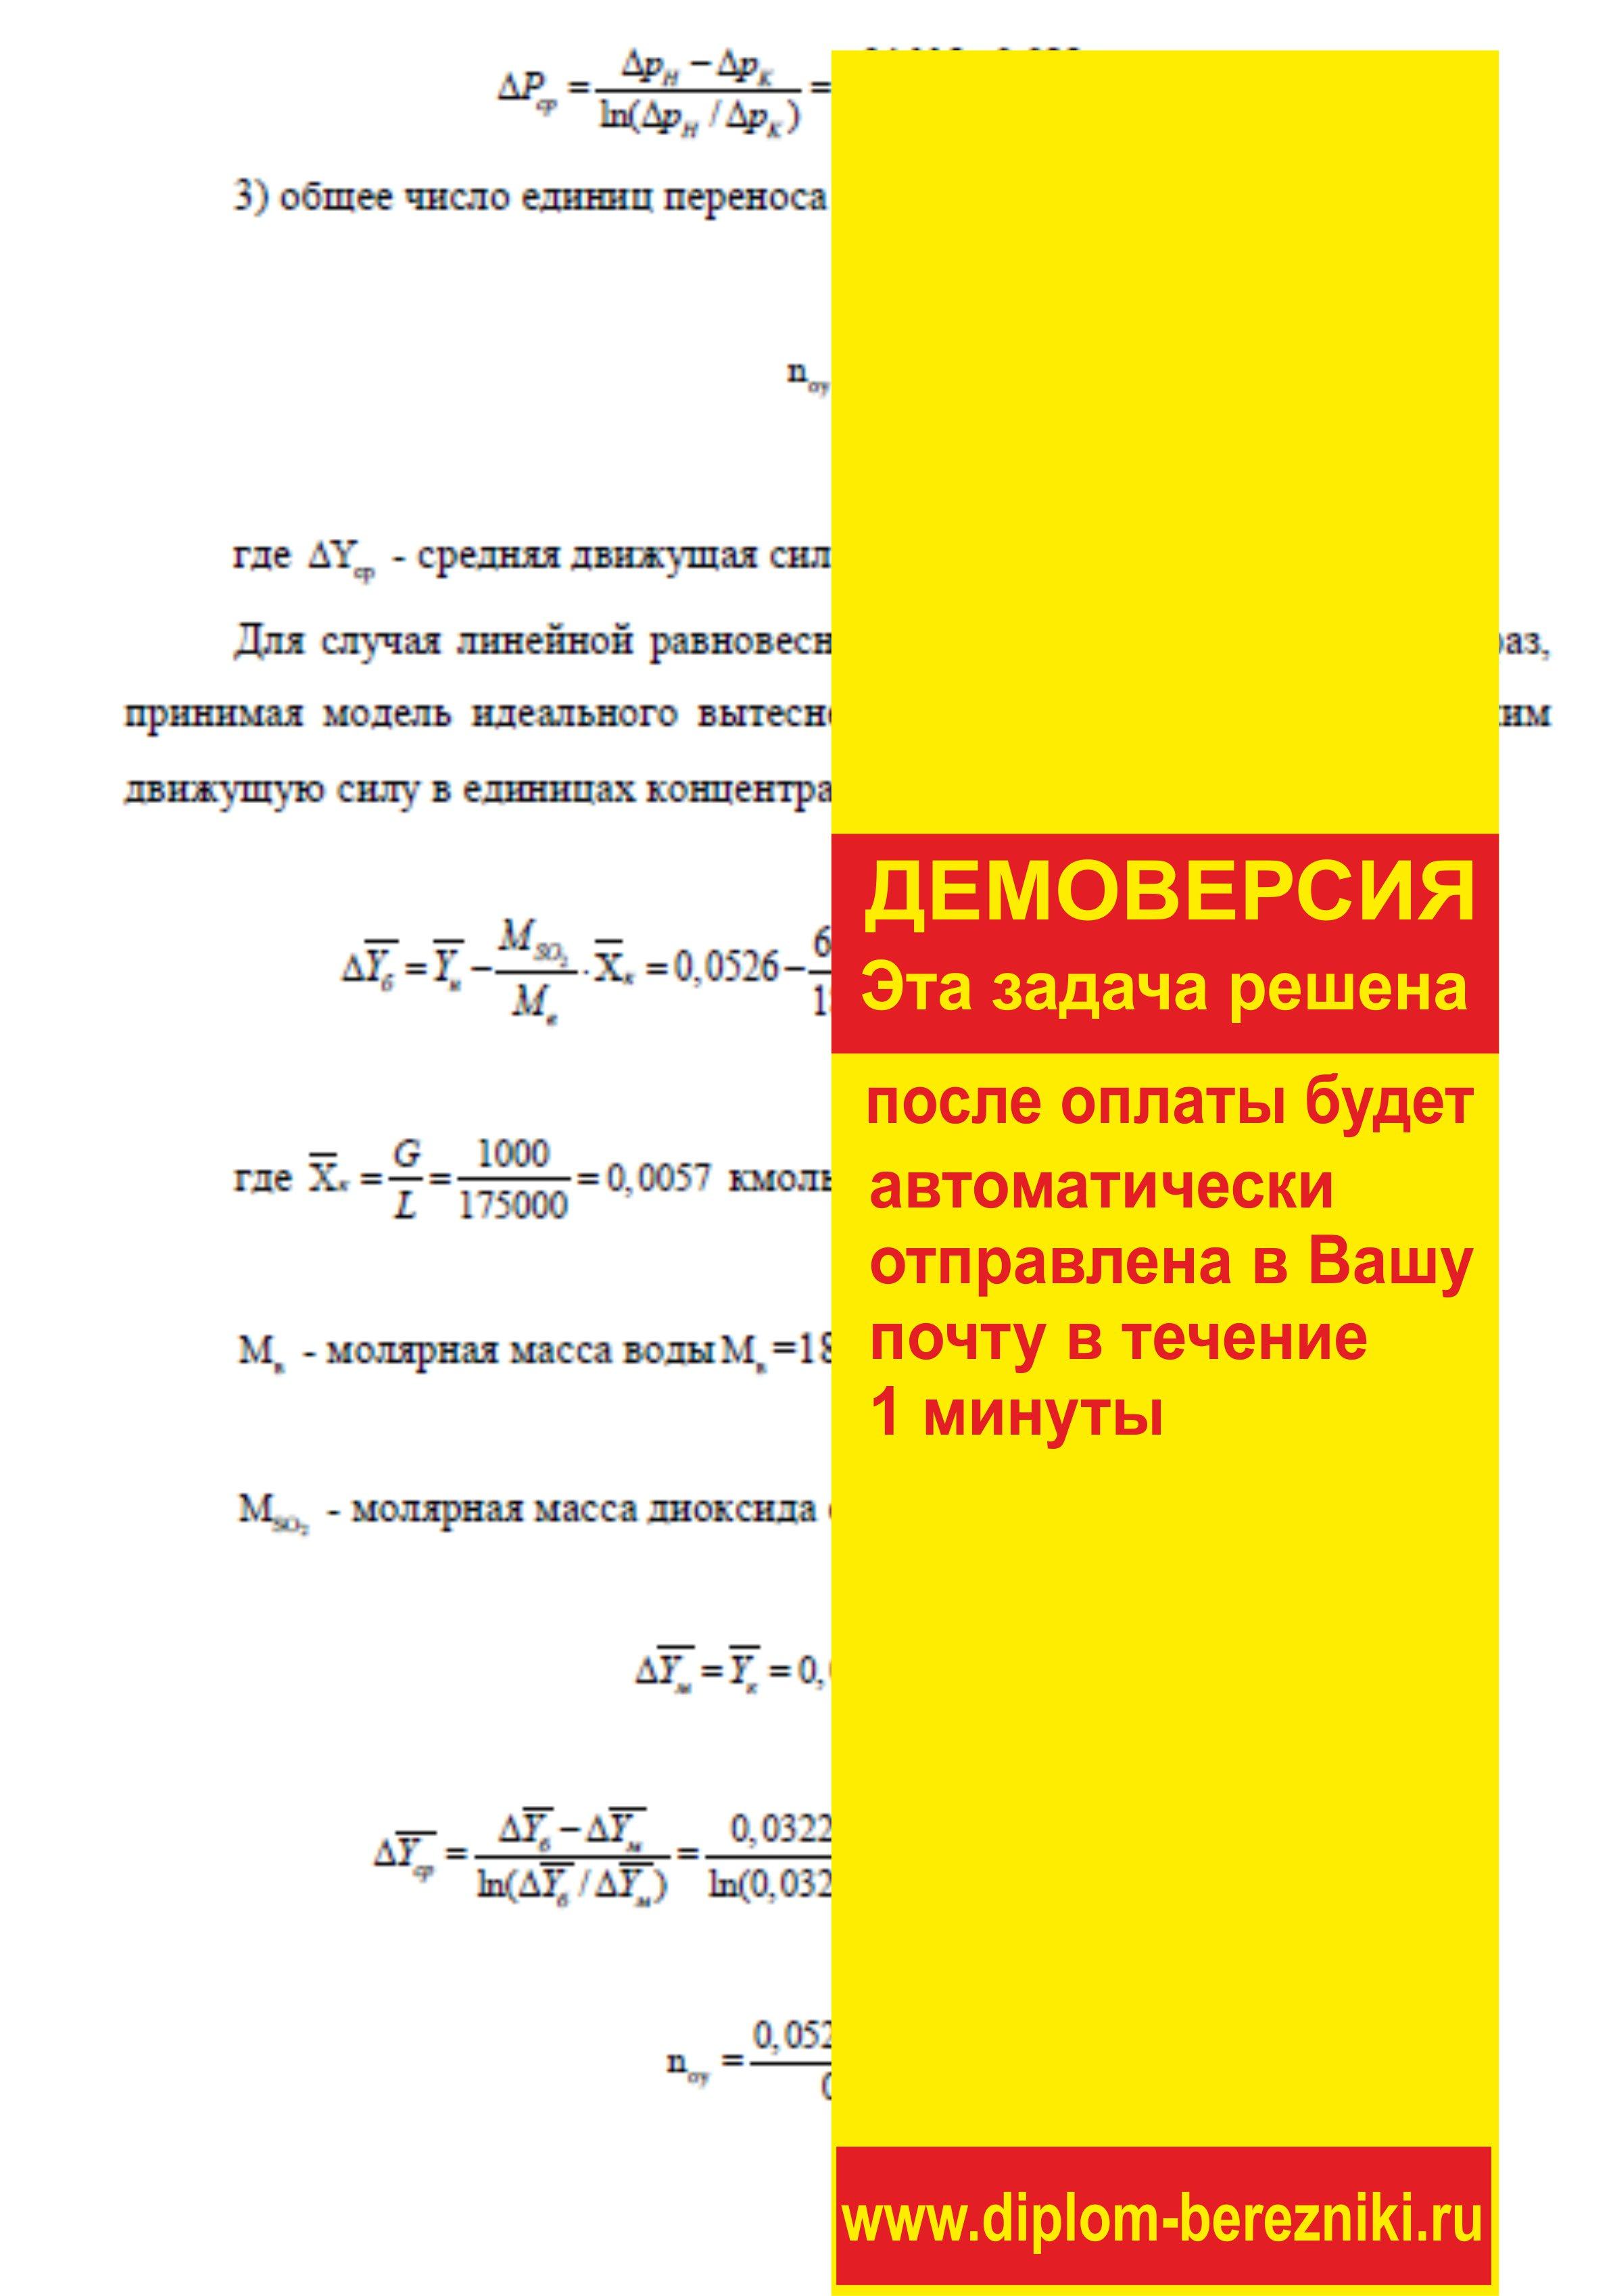 Решение задачи 6.13 по ПАХТ из задачника Павлова Романкова Носкова